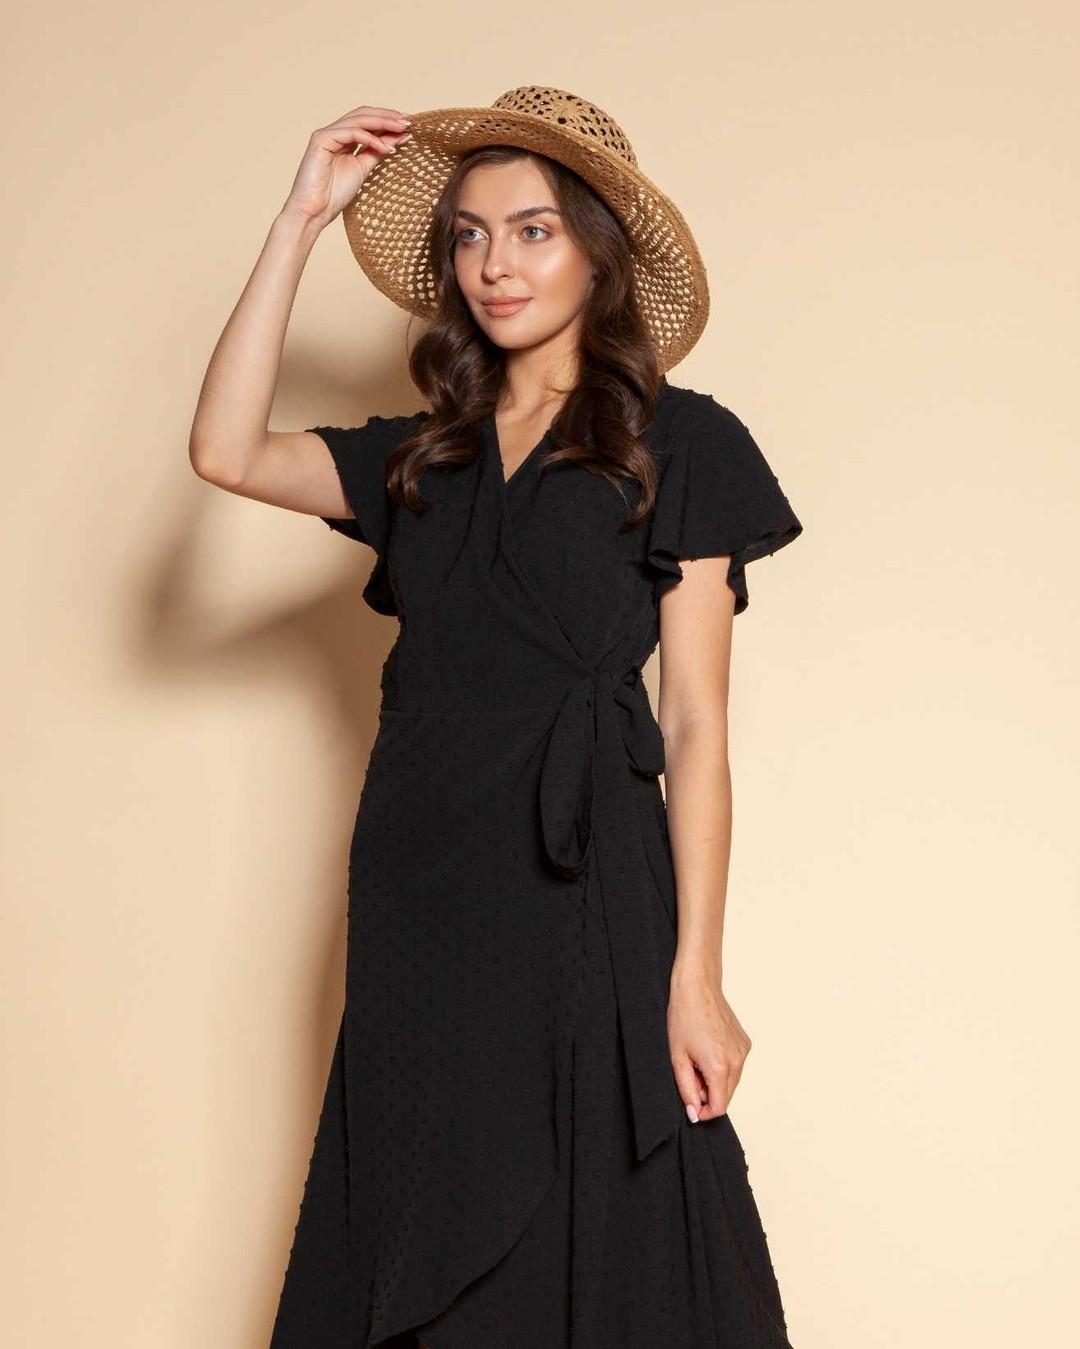 Czy na horyzoncie widać jakąś letnią imprezę? Jeśli tak, zajrzyj na lanti.pl - mamy kilka rewelacyjnych nowości ❤ #sukienka #sukienki #sukienkanawesele #czarnasukienka #sukienkazfakbanami #sukienkakopertowa #kopertowasukienka #sukienkazwiewna #sukienkazwiązaniem #letniestylizacje #letniesukienki #kapelusz #dziewczynawkapeluszu #brunette #summerdress #highquality #qualityfashion #madeinpoland #polskafirma #polskakobieta #markafashion #fashionbrand #polishfashion #wyprodukowanowpolsce #uszytewpolsce #polskieubrania #wysokajakość